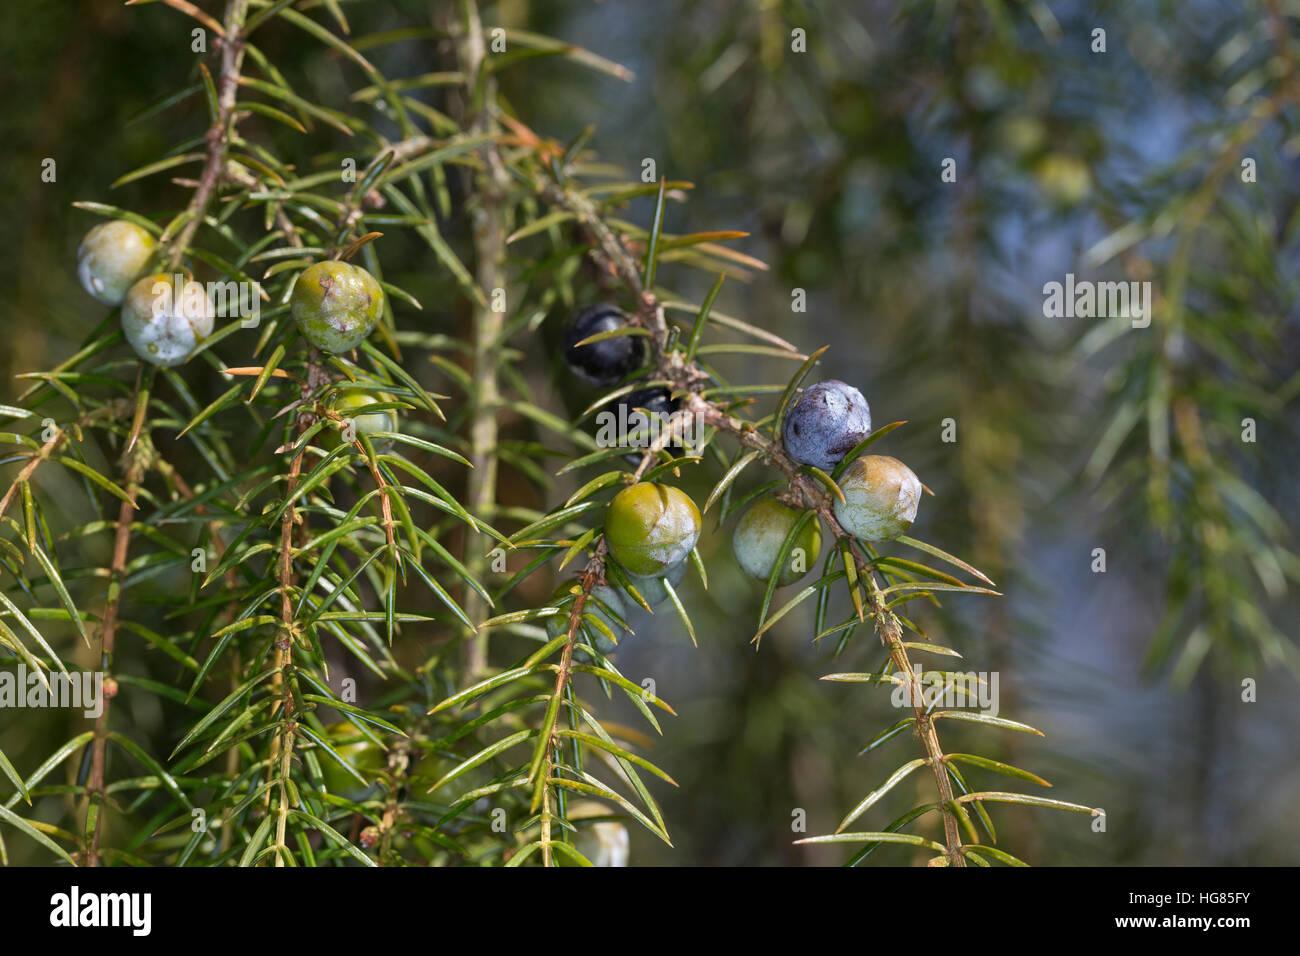 Igel-Wacholder, Igelwacholder, Nadel-Wacholder, Nadelwacholder, Juniperus rigida, temple juniper, Needle Juniper, - Stock Image